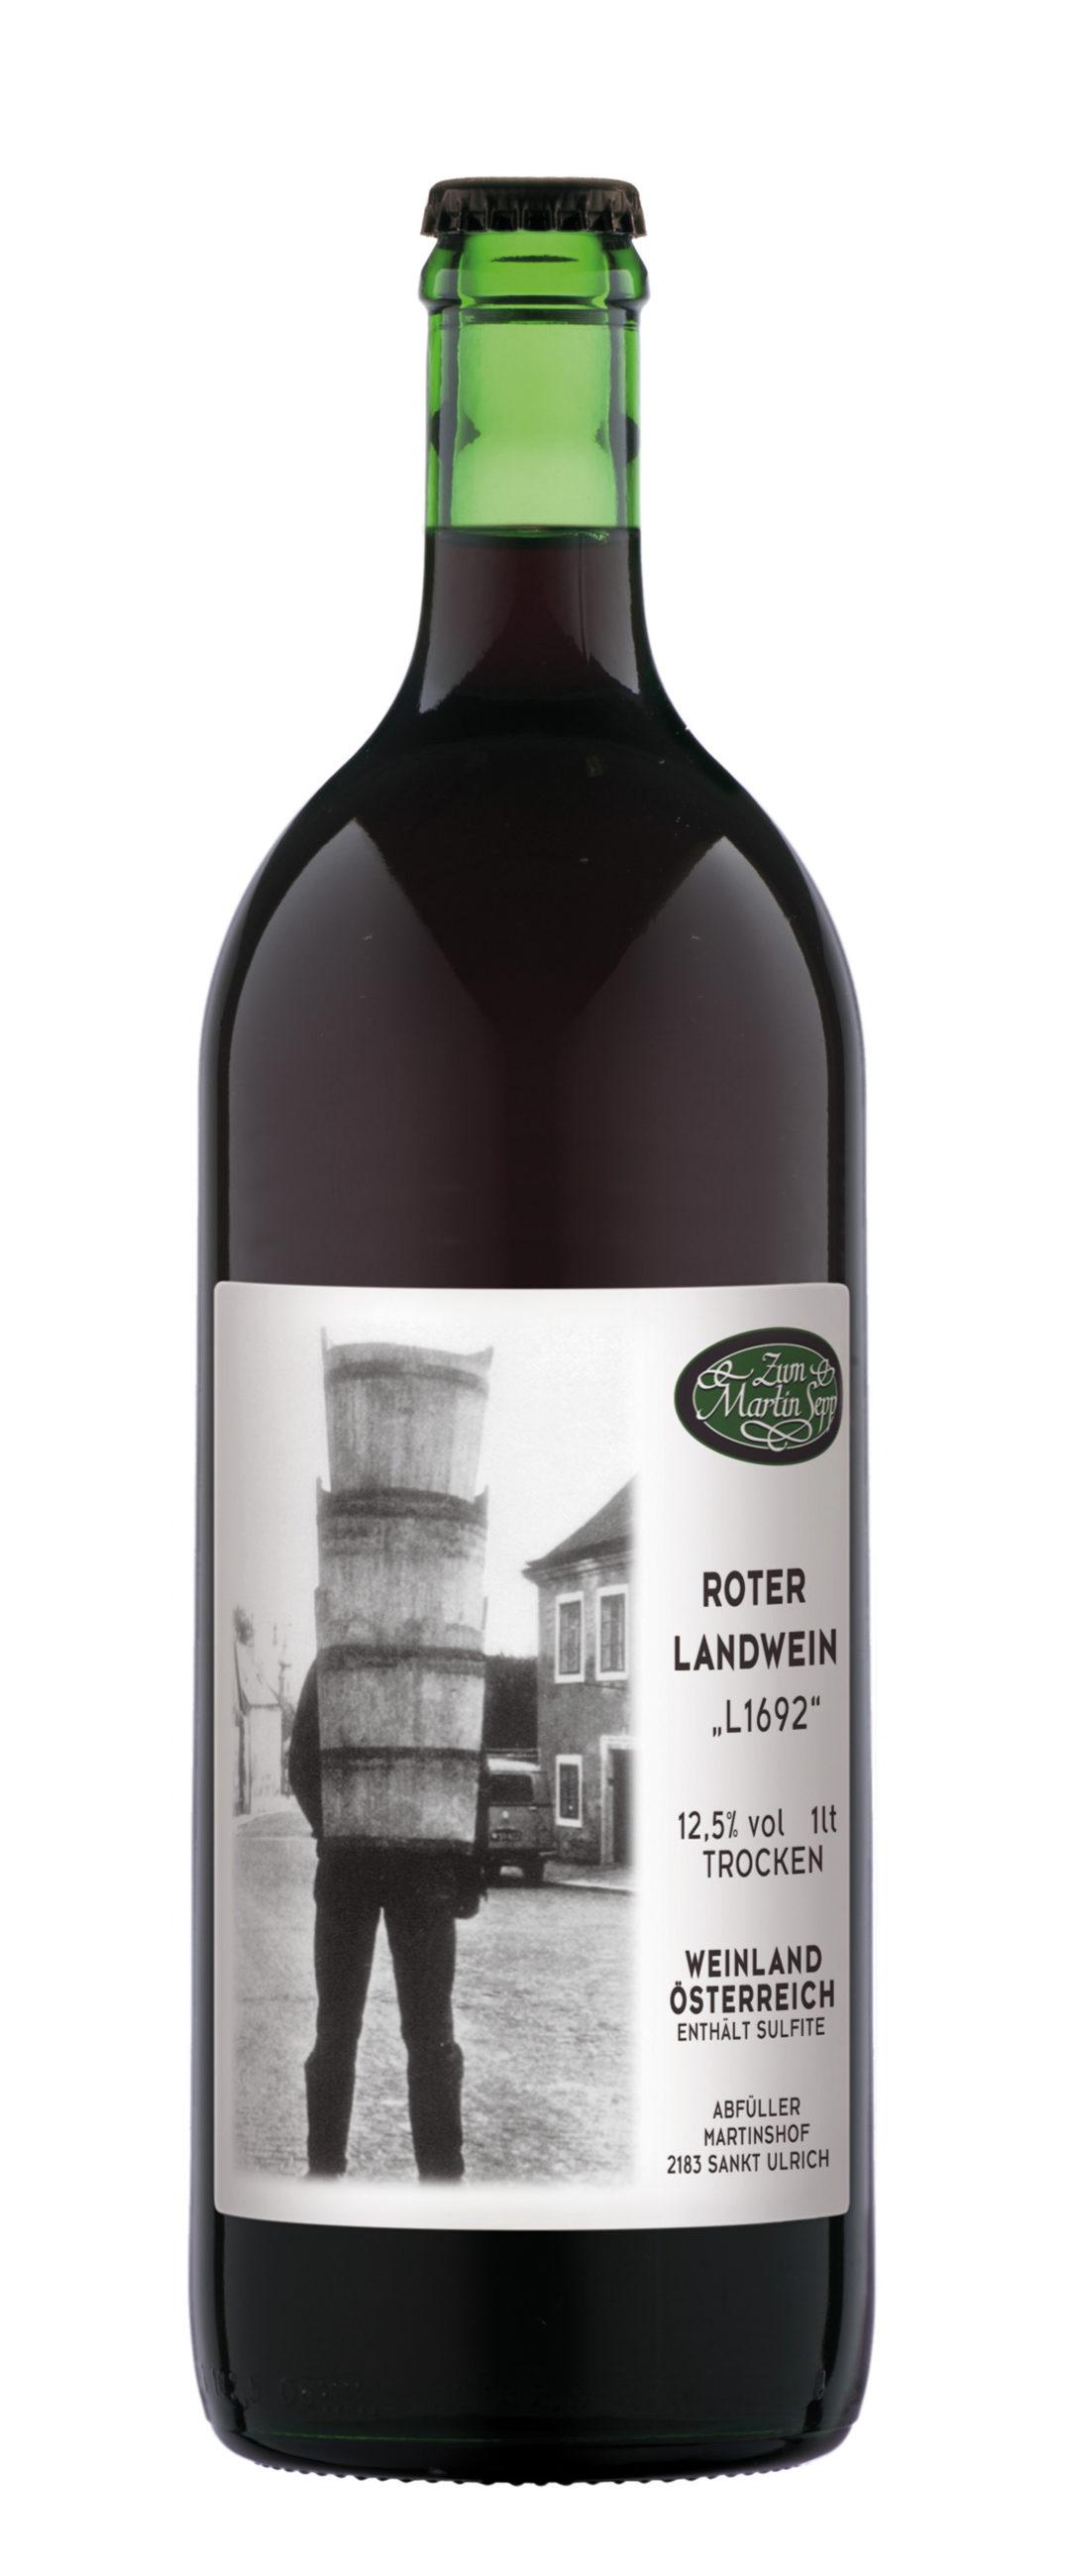 Roter Landwein